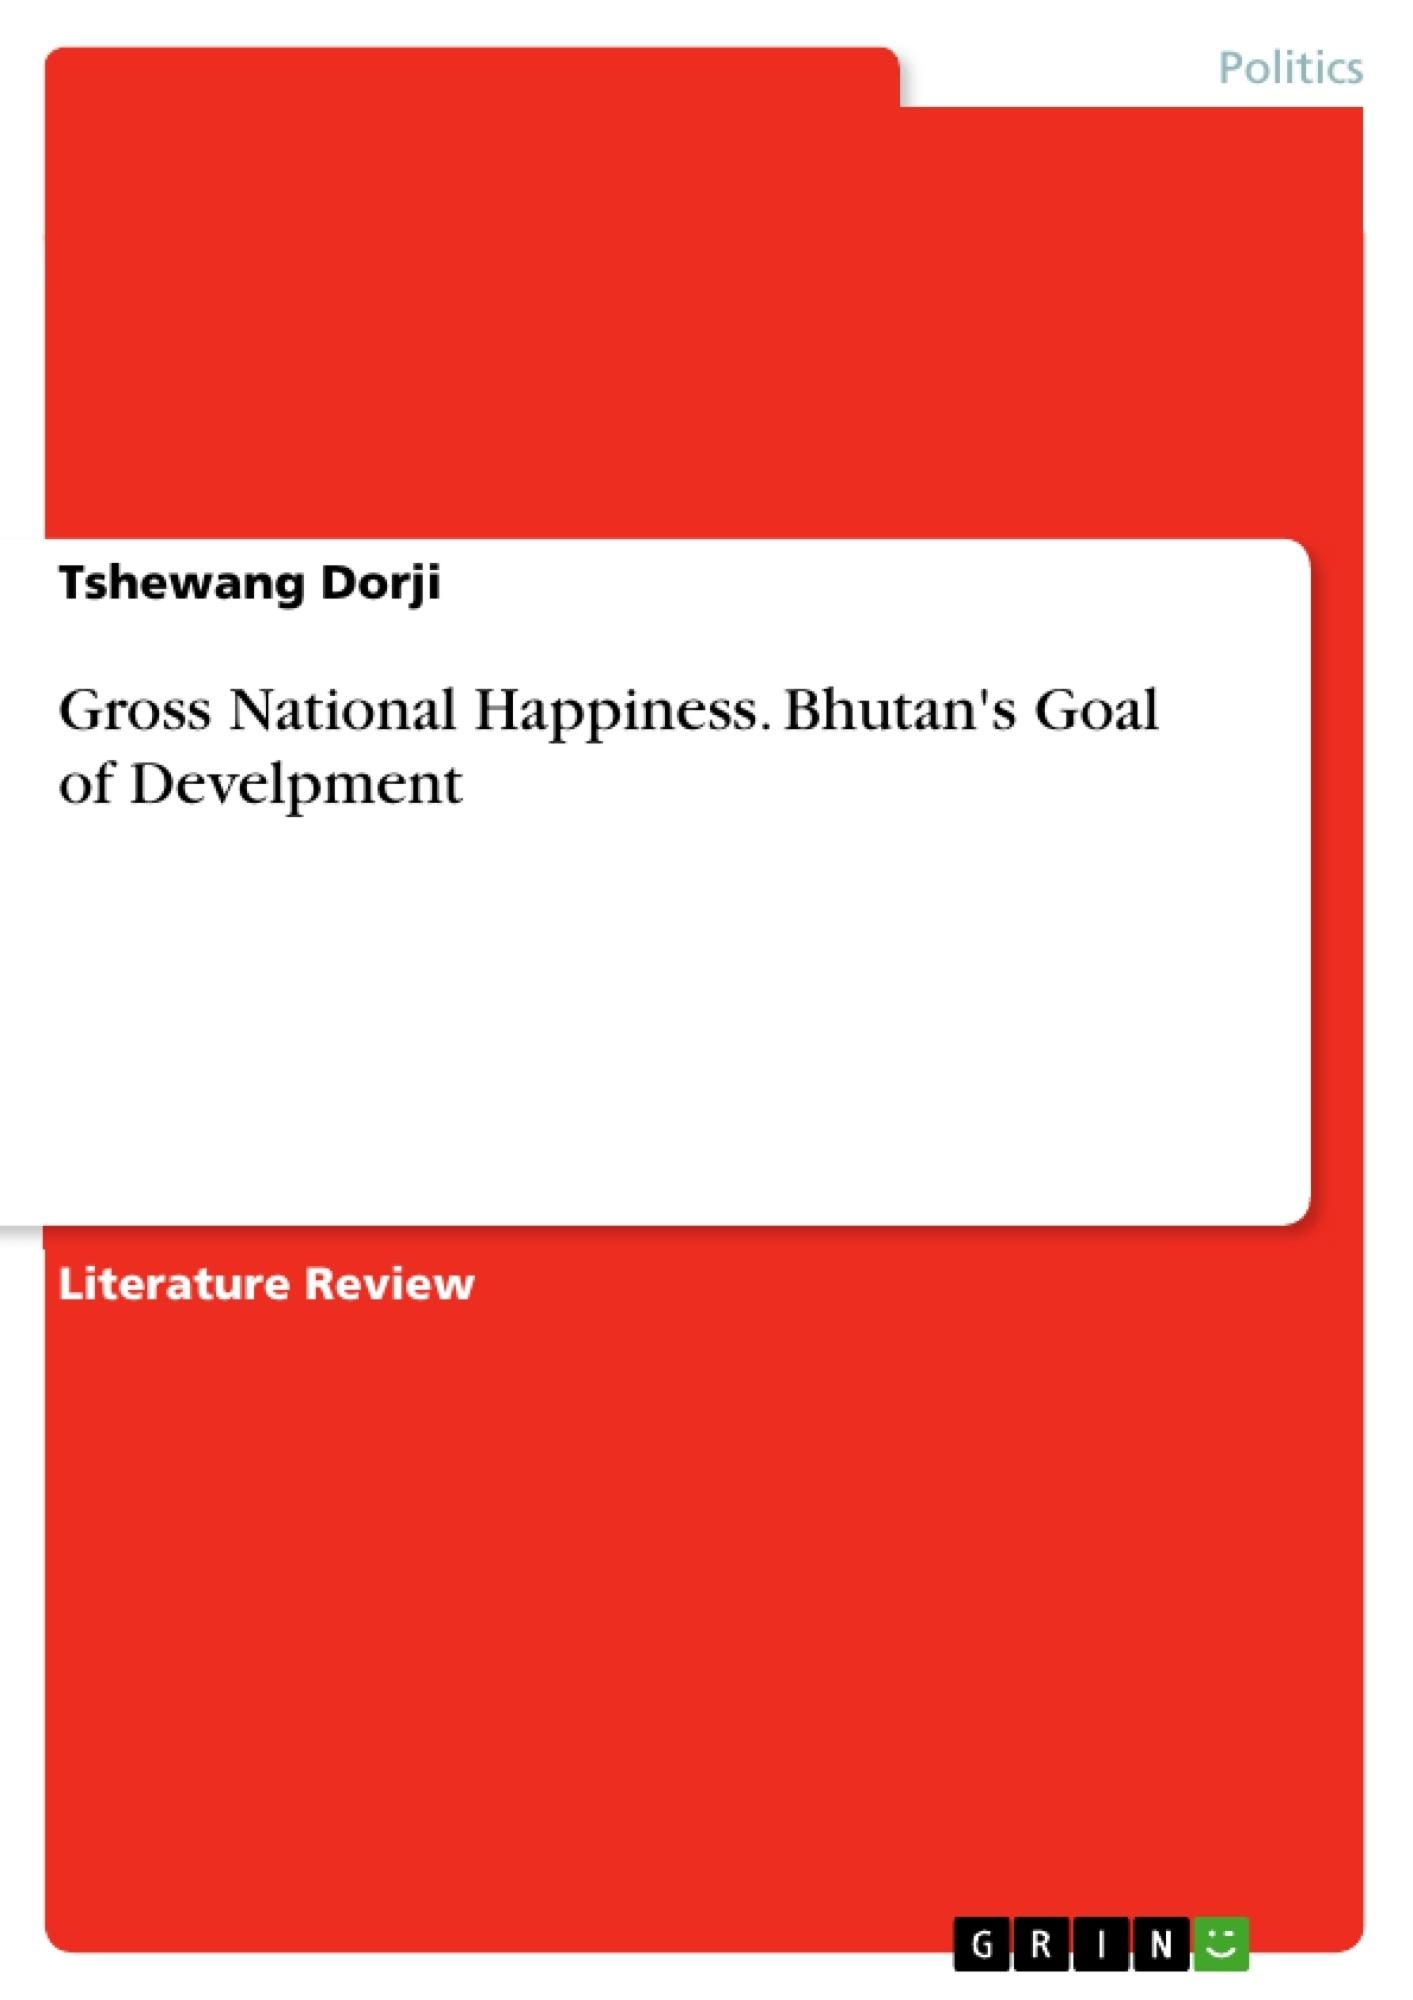 Title: Gross National Happiness. Bhutan's Goal of Develpment